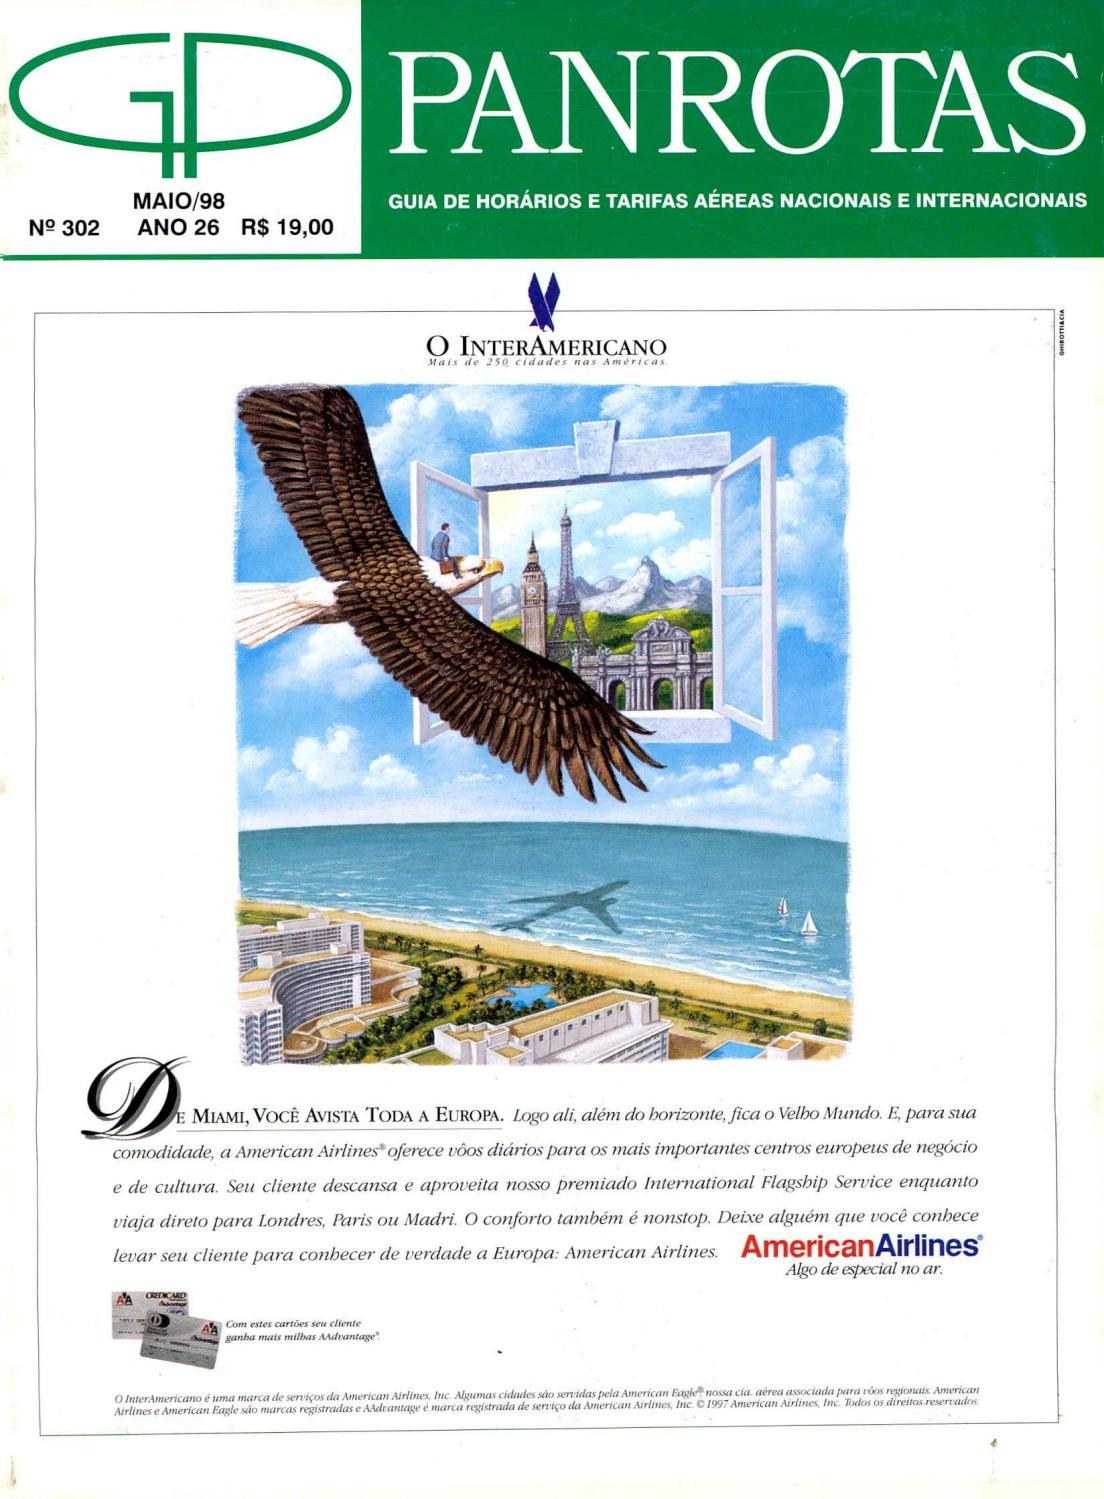 e9ce6b4a4 Guia PANROTAS - Edição 302 - Maio 1998 by PANROTAS Editora - issuu